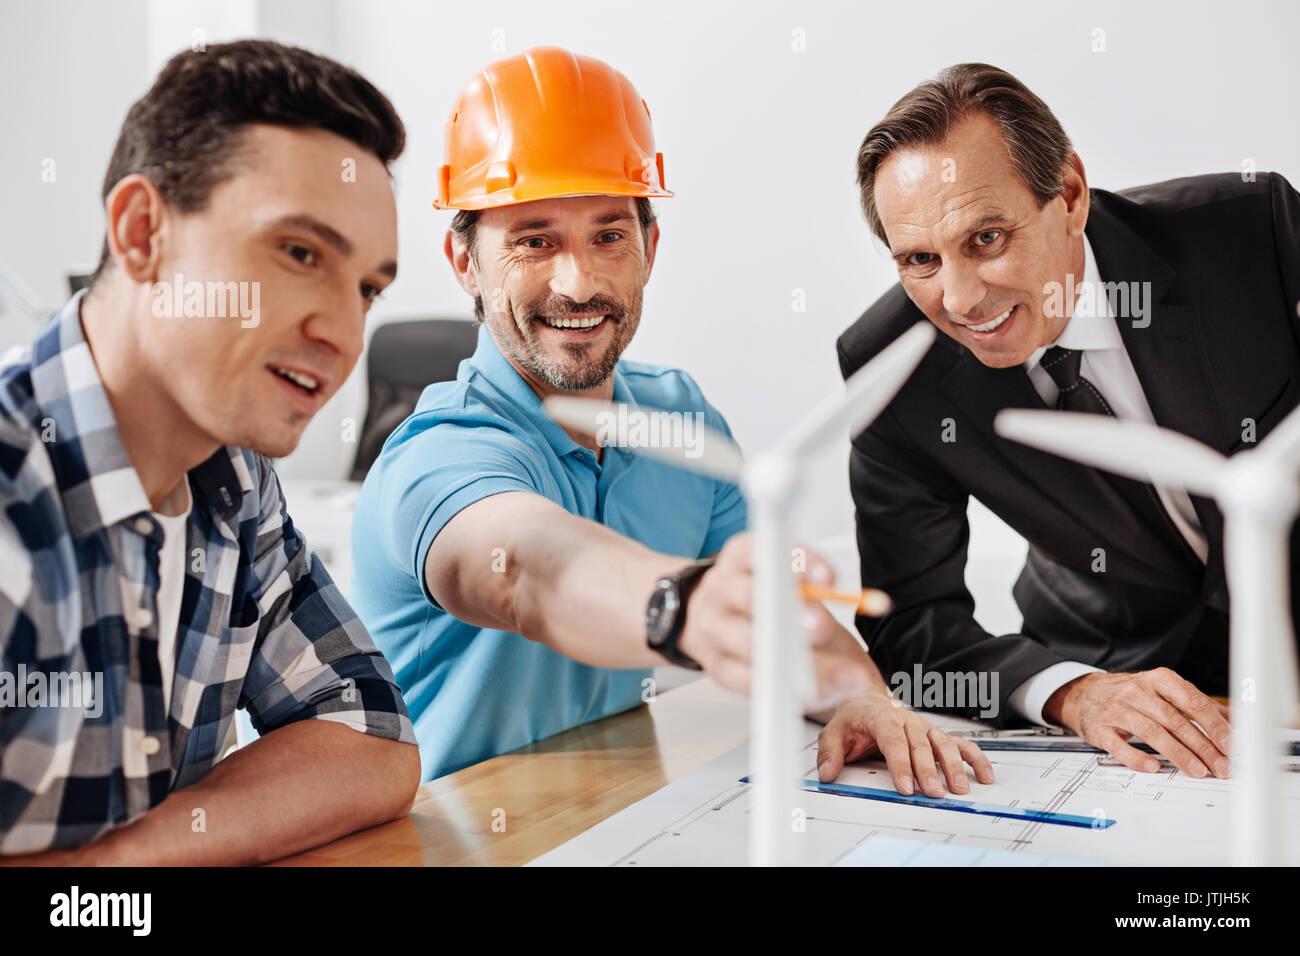 Idea brillante. Cerdas agradables al hombre en un sombrero duro apuntando a una turbina de viento mientras sus colegas sentado junto a él y mirando fijamente al mostrado Imagen De Stock